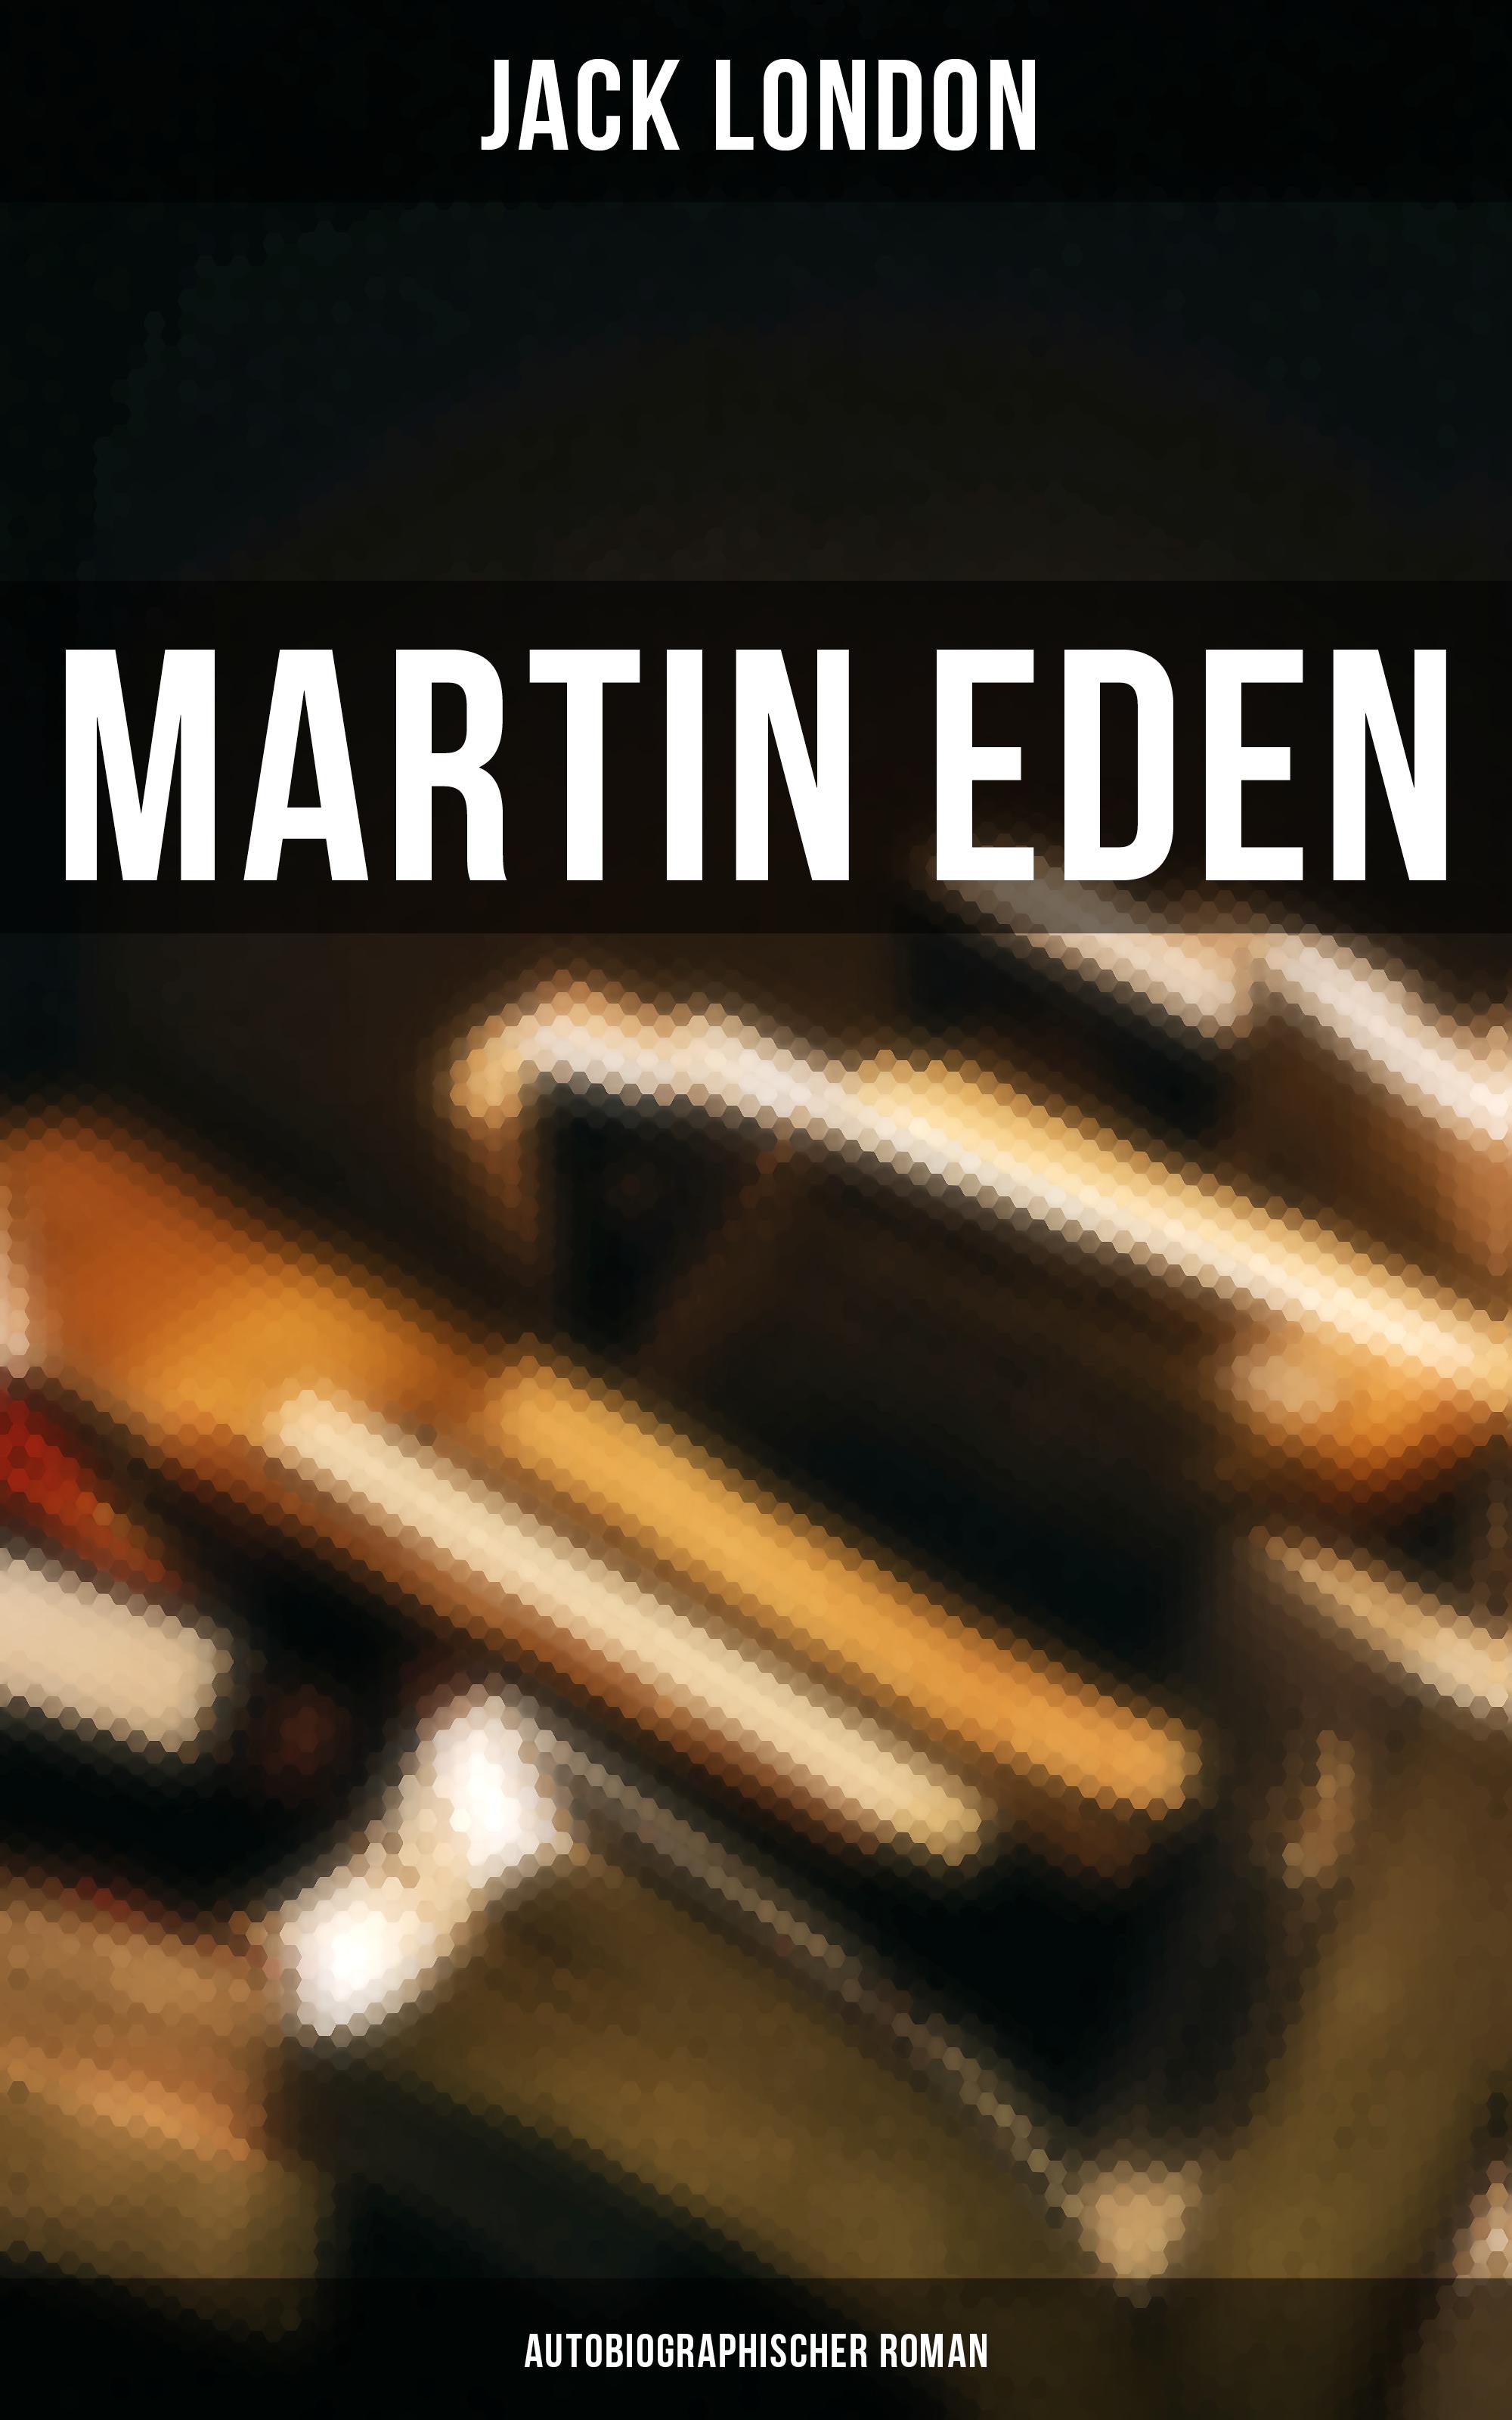 martin eden autobiographischer roman